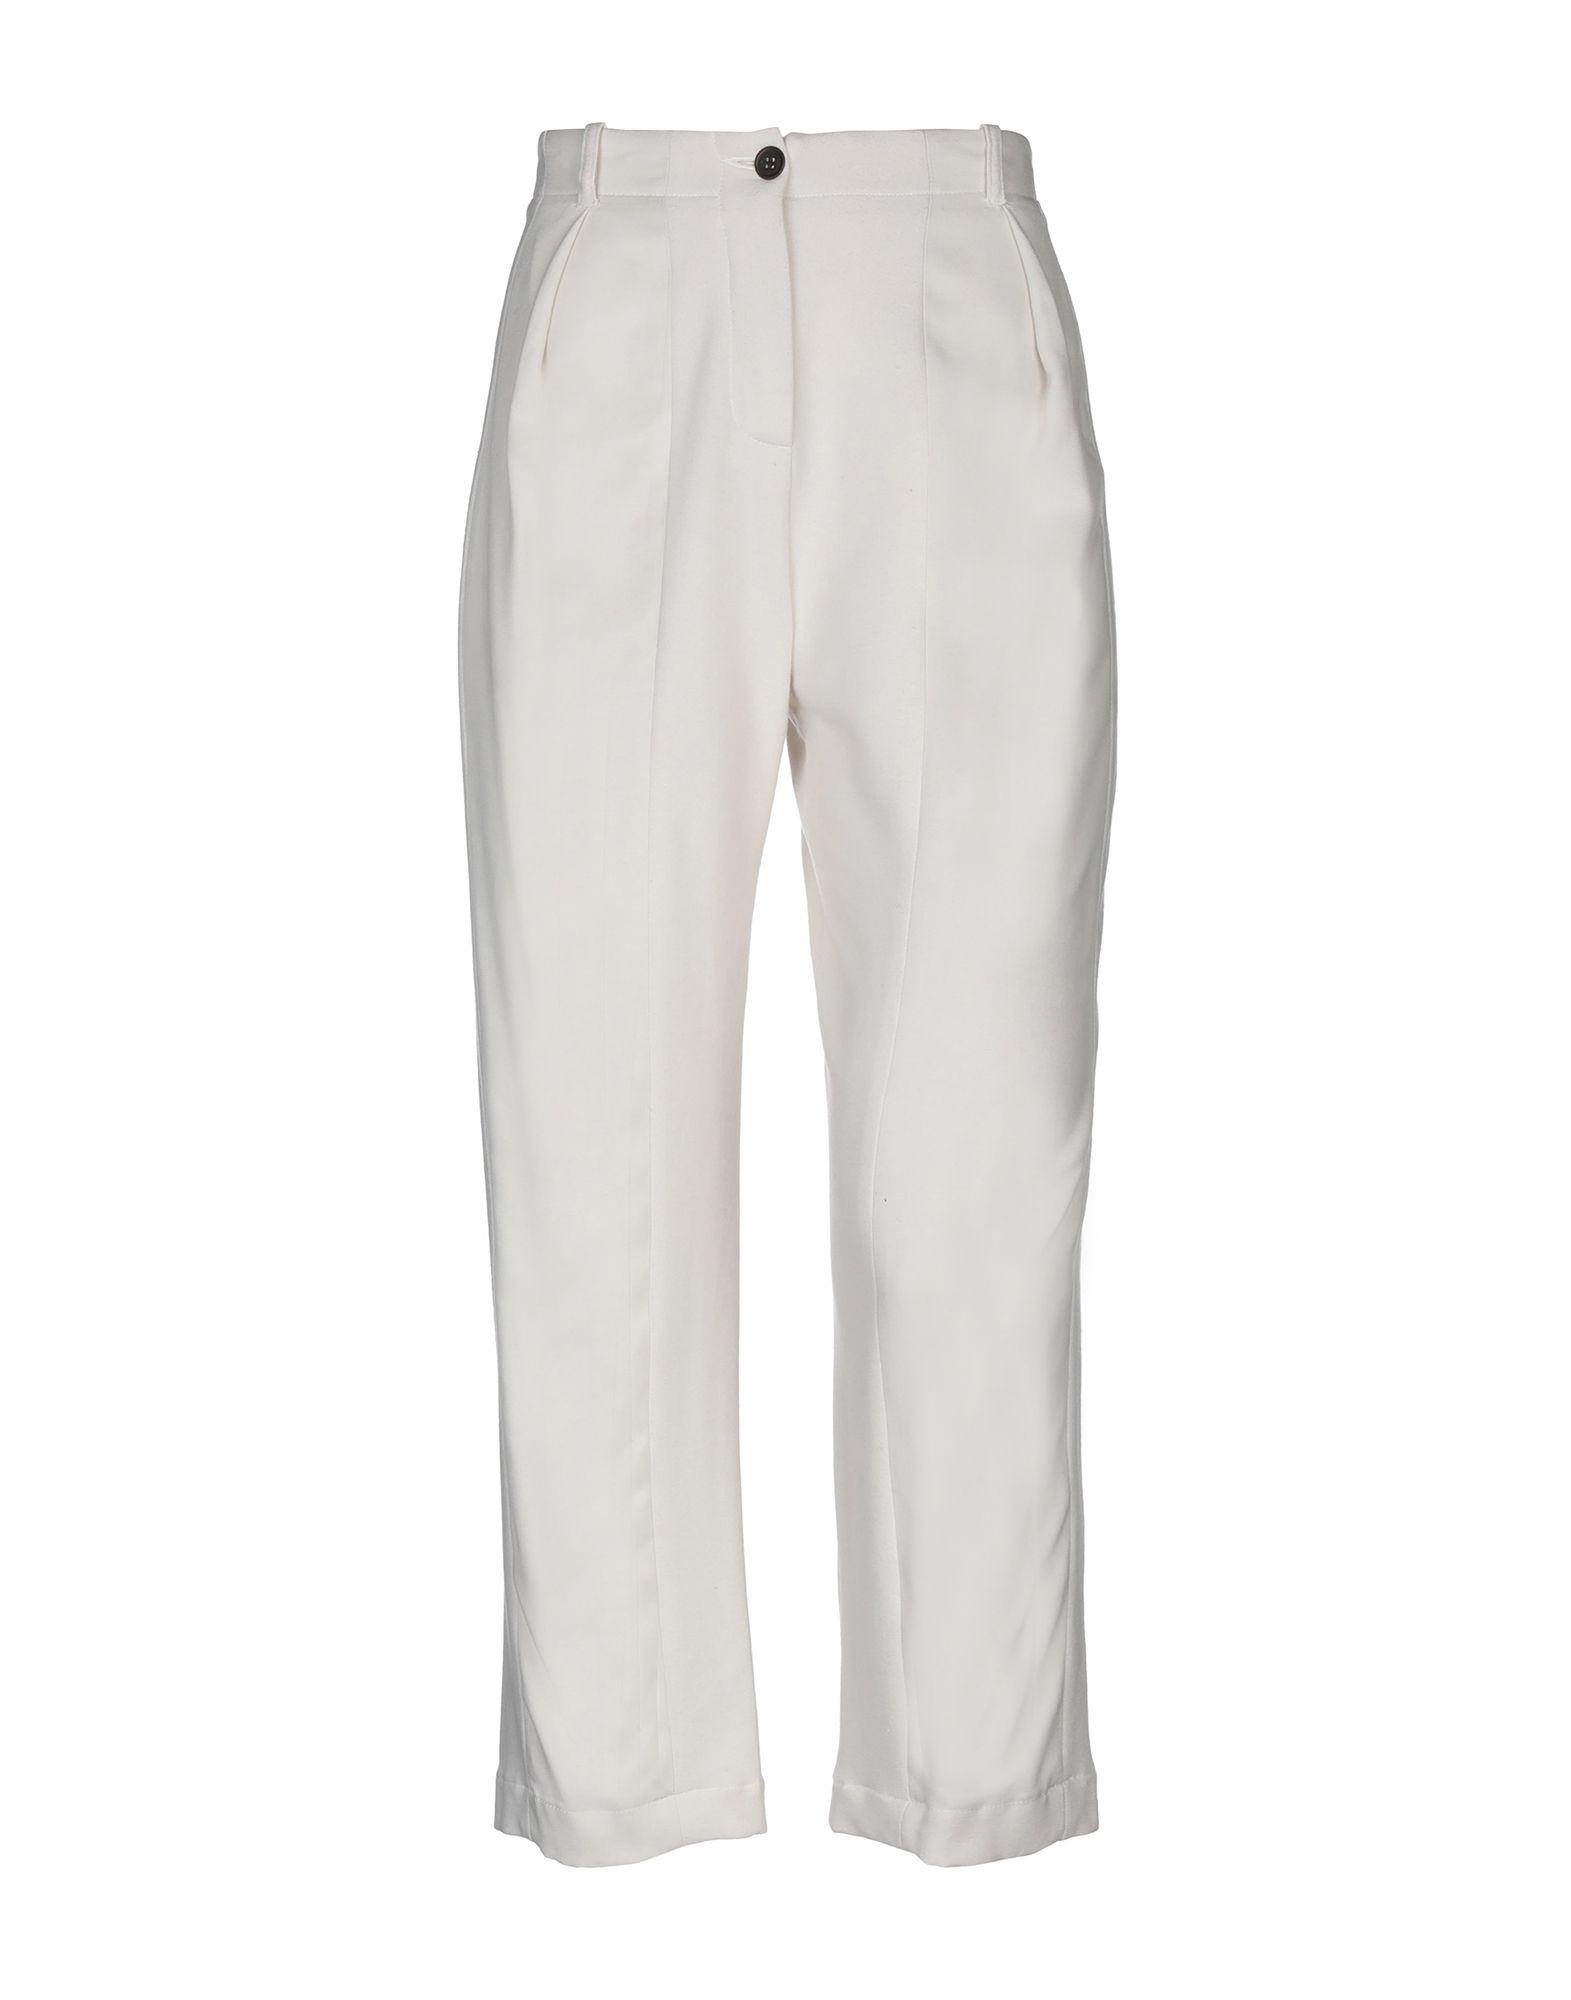 Pantalone Alysi donna donna - 13036390EU  Direkt ab Werk und schnelle Lieferung